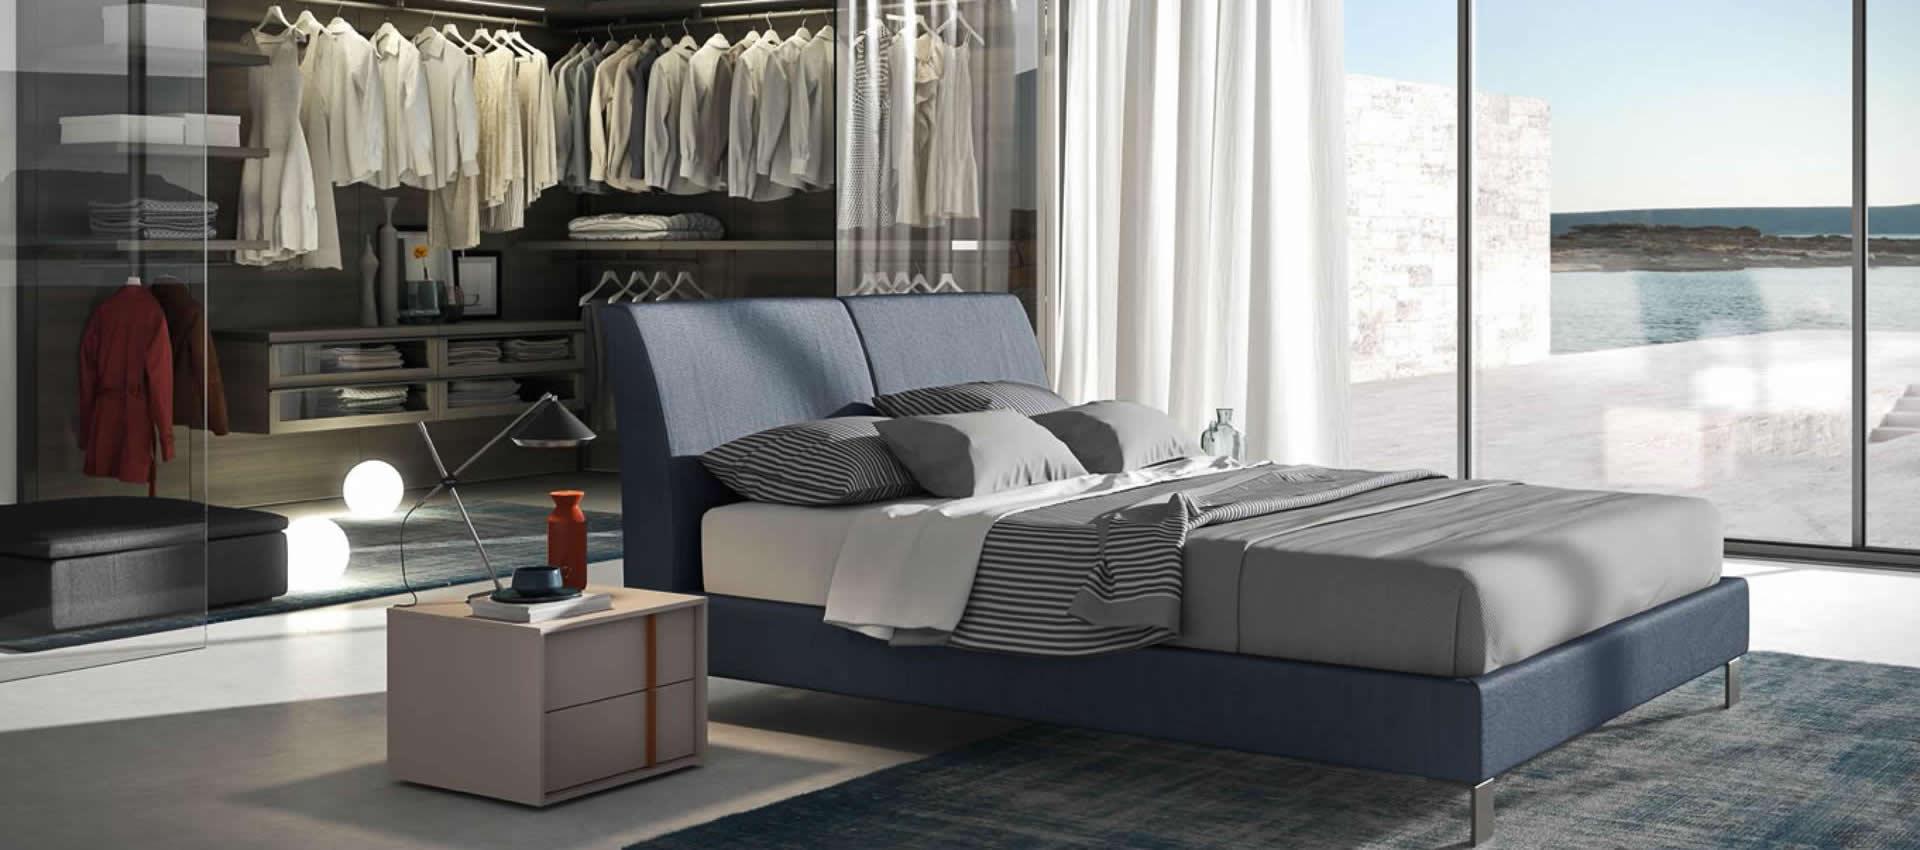 feng shui schlafzimmer kua zahl bettw sche pink uni aus gyptischer baumwolle schlafzimmer set. Black Bedroom Furniture Sets. Home Design Ideas